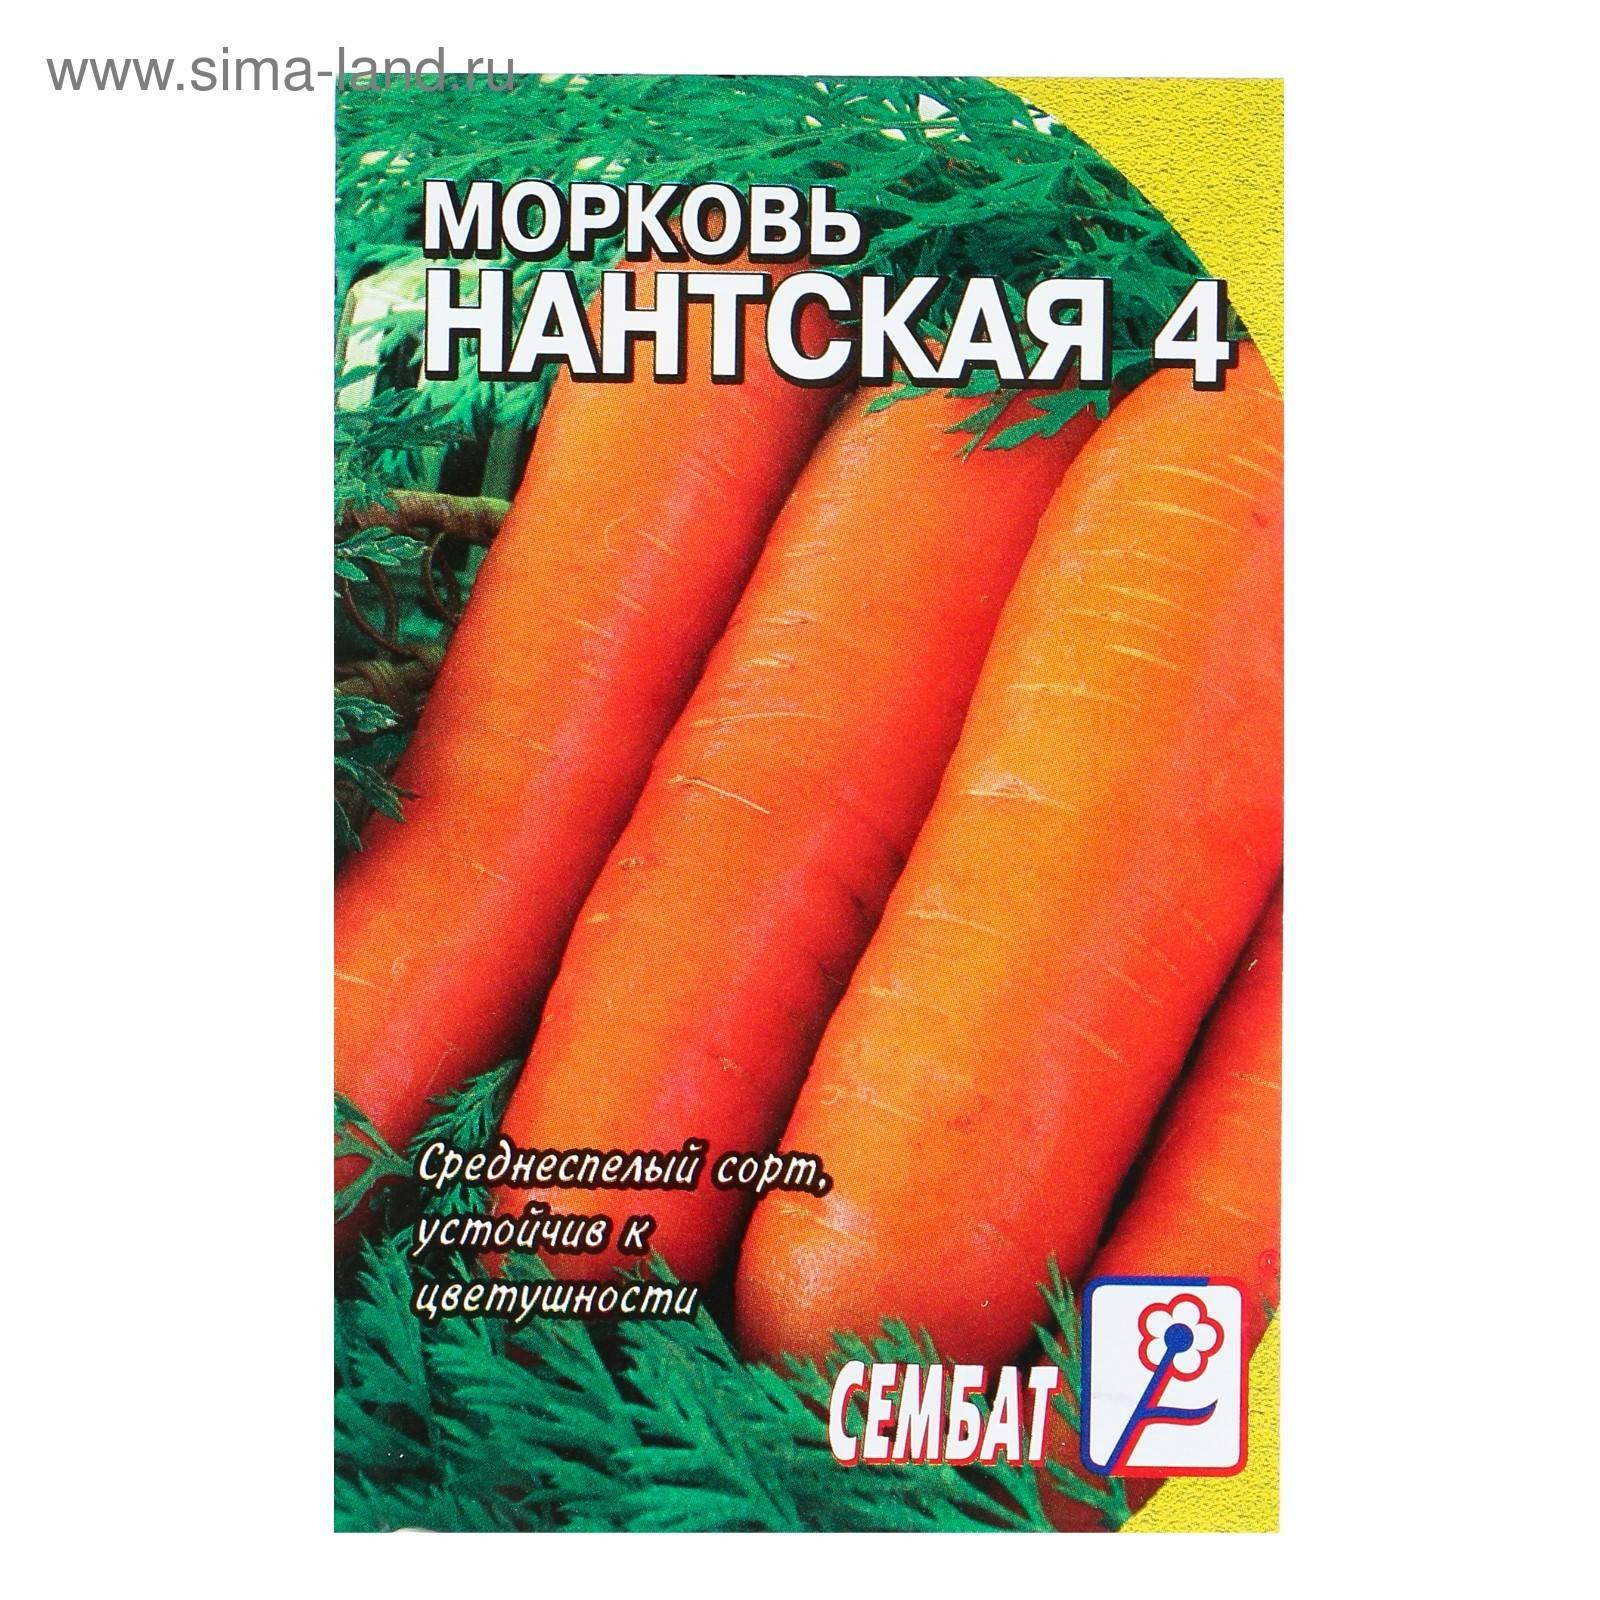 Морковь нантская 4 — описание сорта, фото, отзывы, посадка и уход